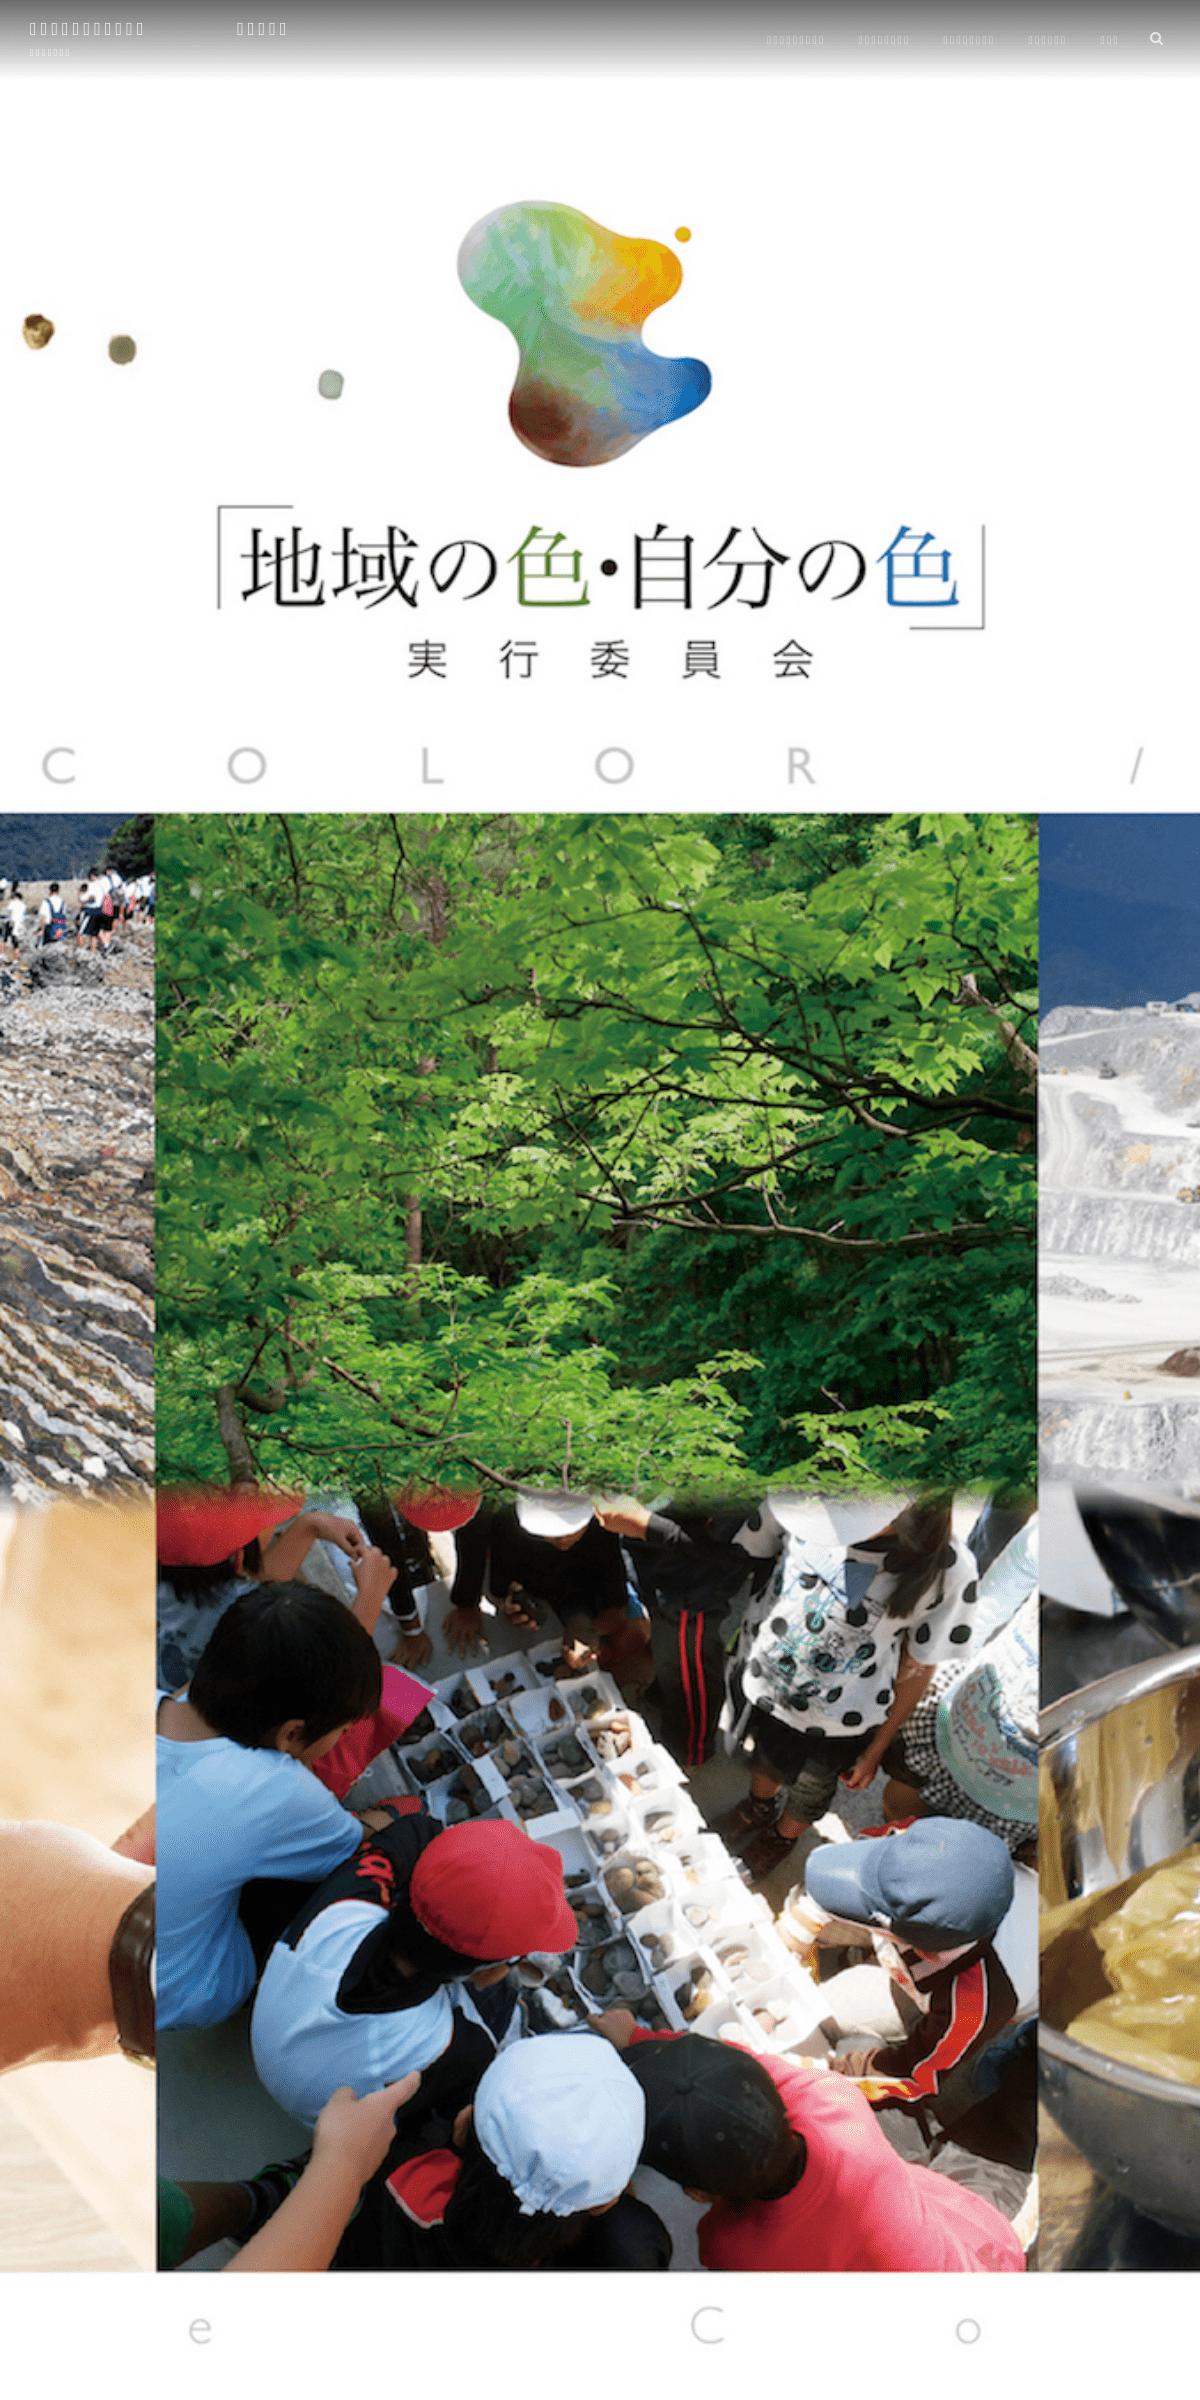 ArchiveBay.com - o-iro.jp - 地域の色・自分の色